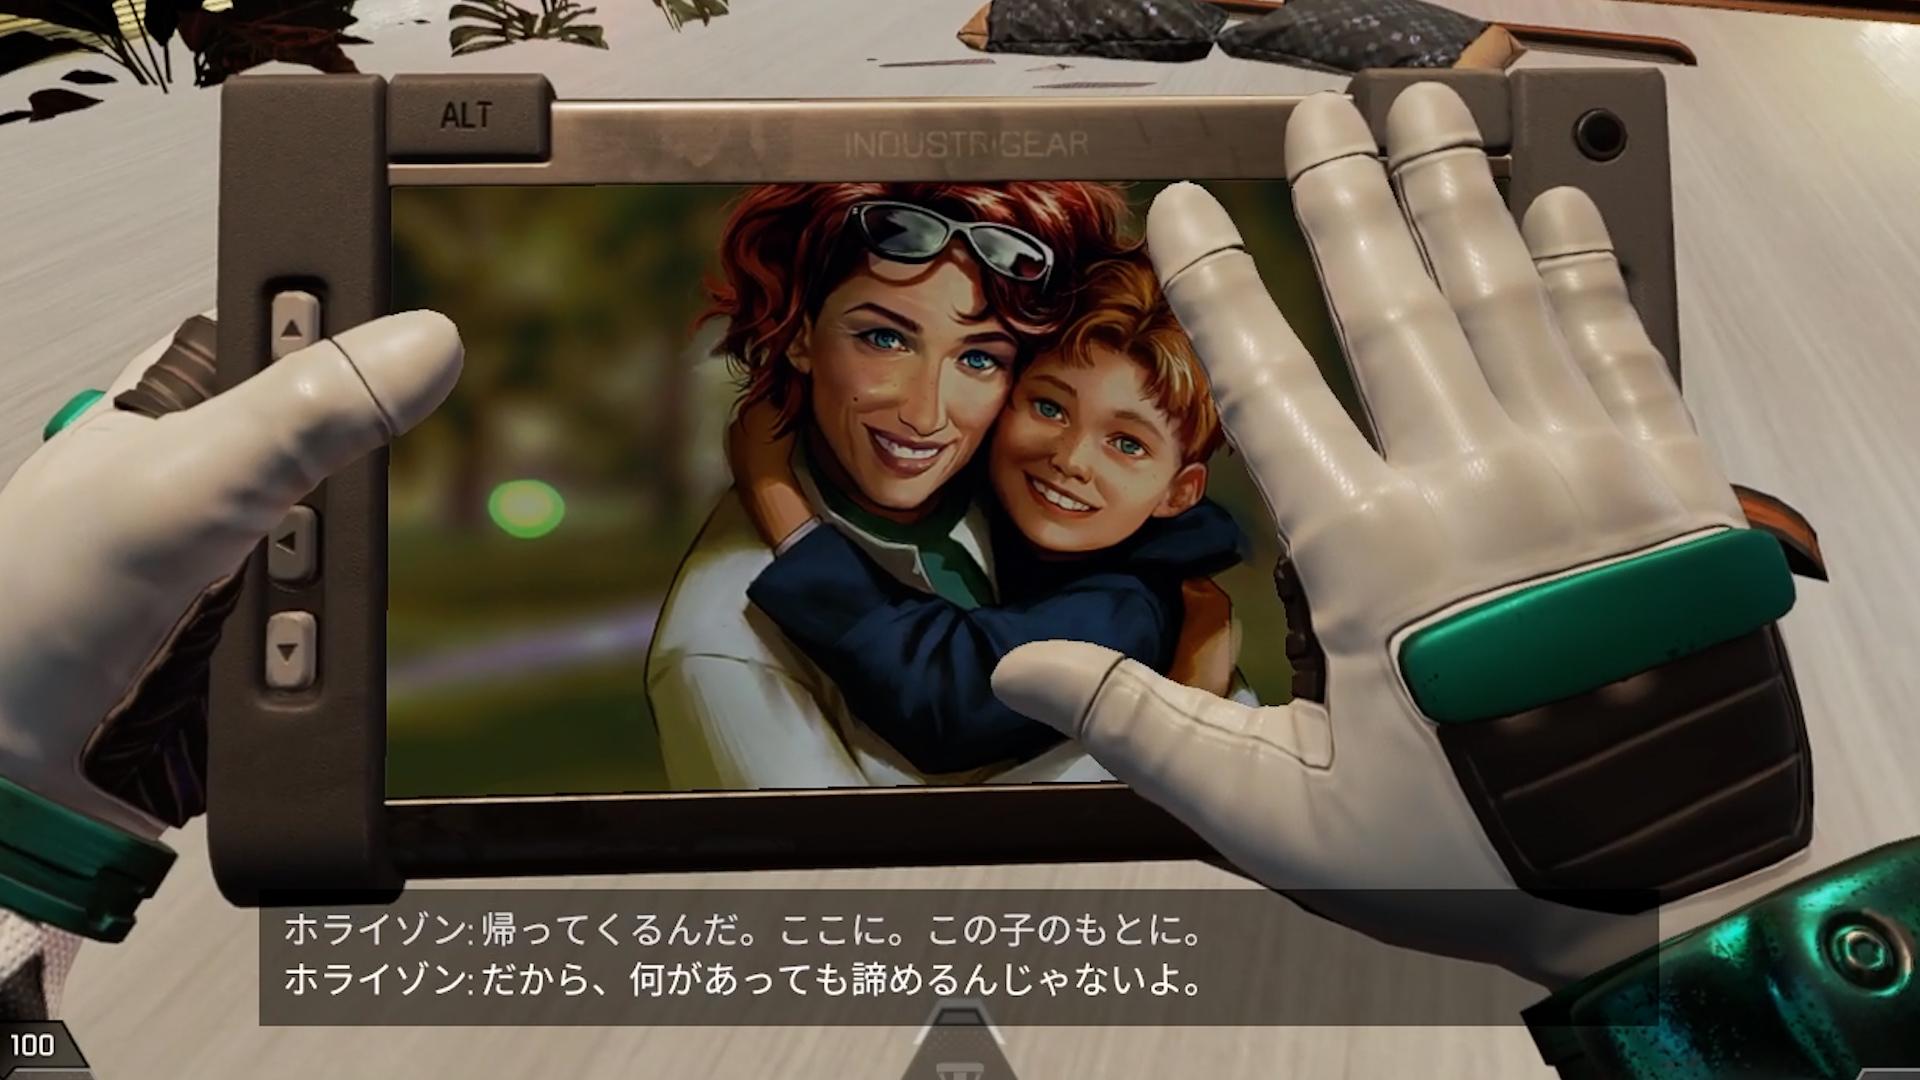 【速報】オリンパスに「最後のホライゾンイベント」が追加!!「限定武器チャーム」と「限定ロード画面」の入手方法など